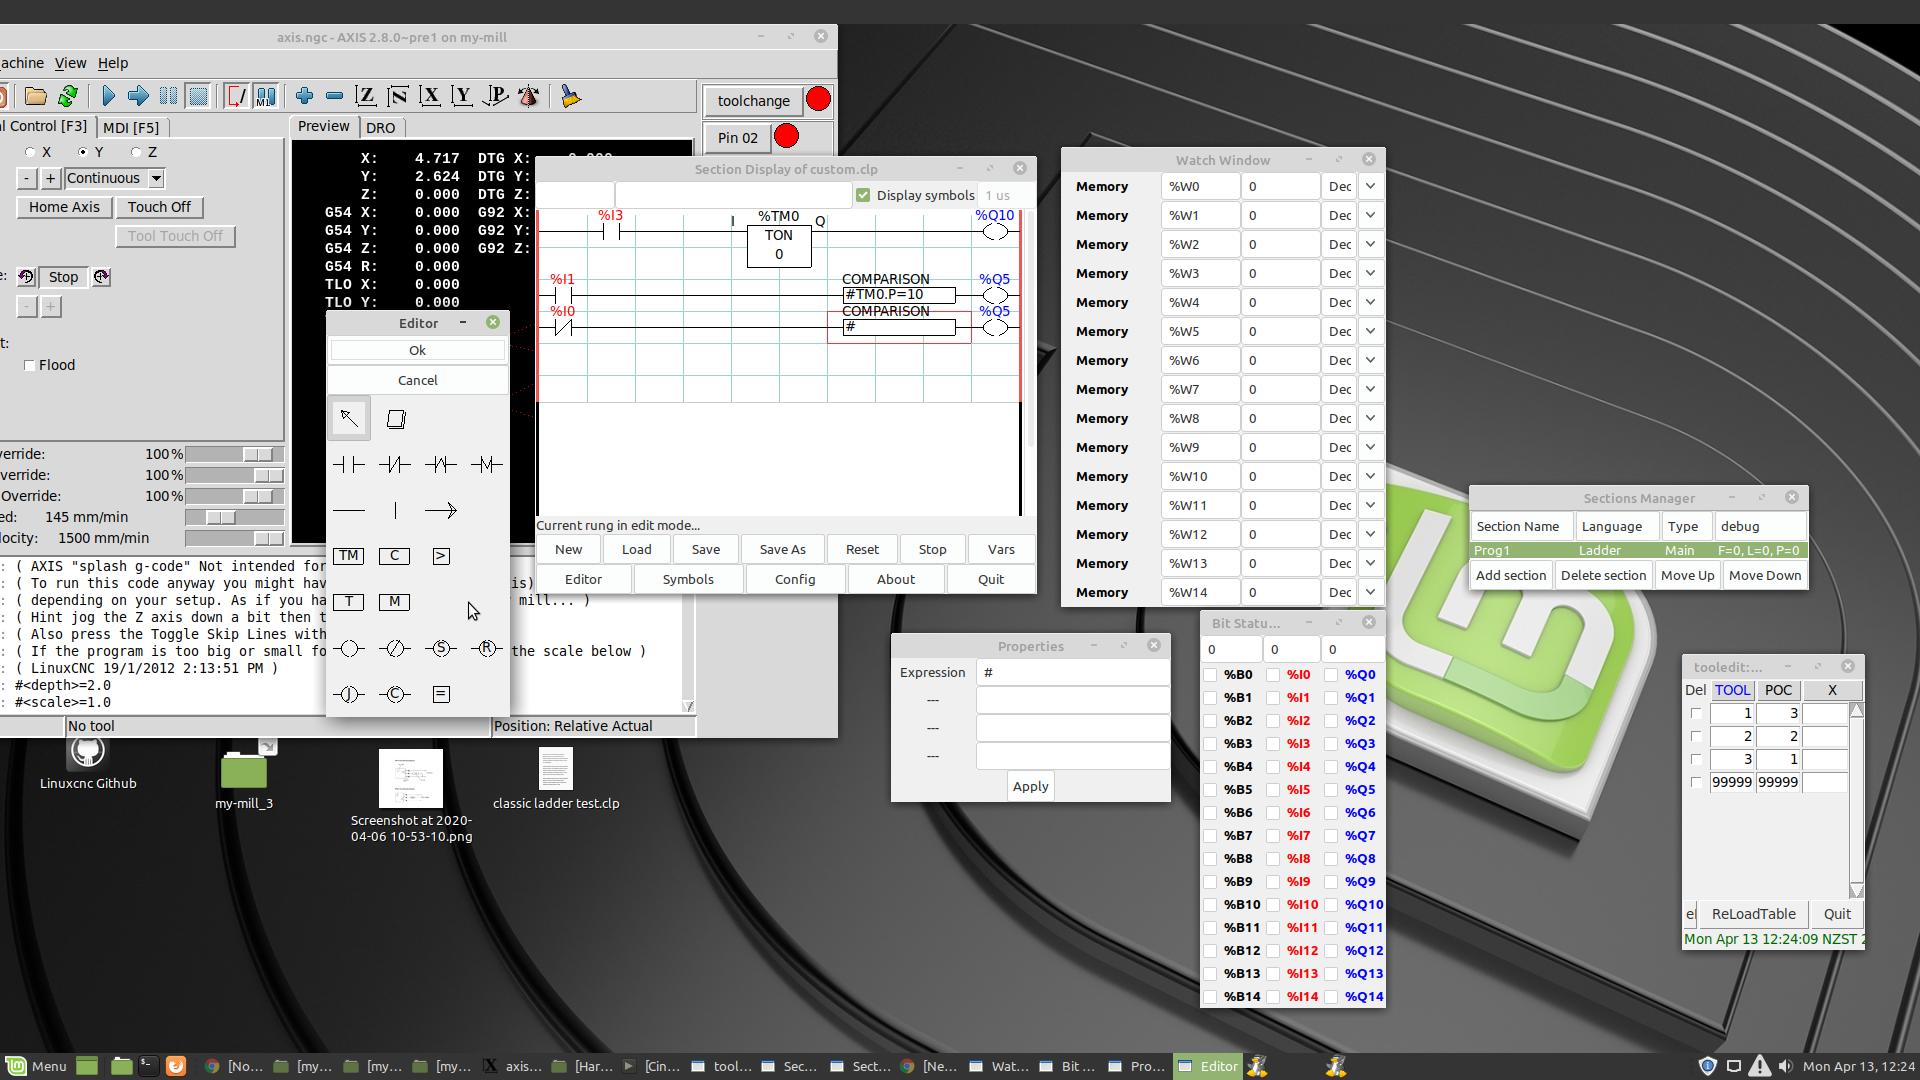 Screenshotat2020-04-1312-24-09.png